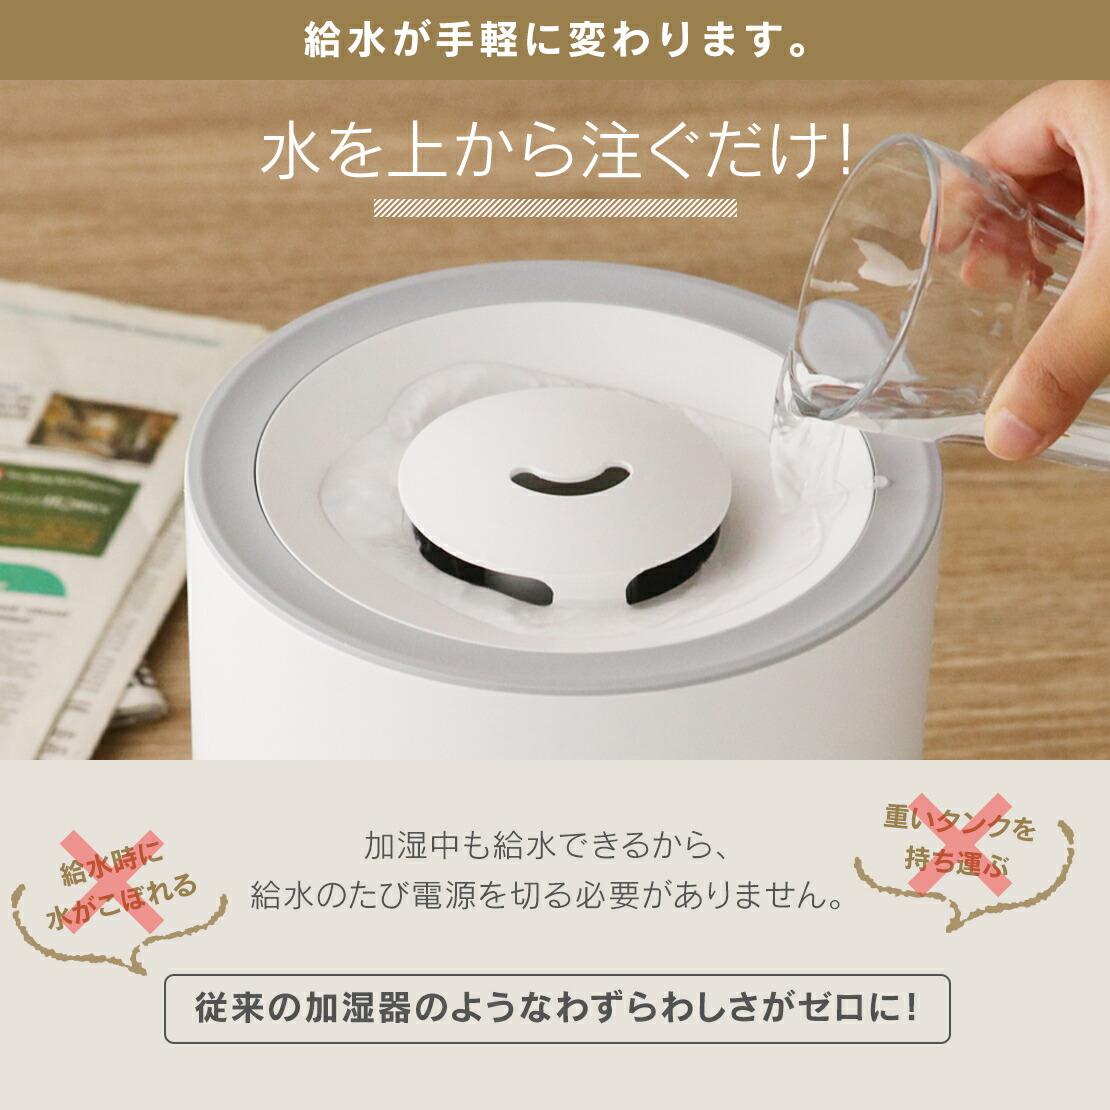 給水が手軽に変わります。水を上から注ぐだけ!加湿中も給水できるから、給水のたび電源を切る必要がありません。従来の加湿器のようなわずらわしさがゼロに!直接タンクに、アロマを垂らせる。アロマディフューザーに引けをとらない、アロマ対応機能。他の加湿器と違うのは、アロマトレーがない事。ディフューザーのように、精油を直接タンクに垂らせるので、より気軽にアロマを楽しめます。